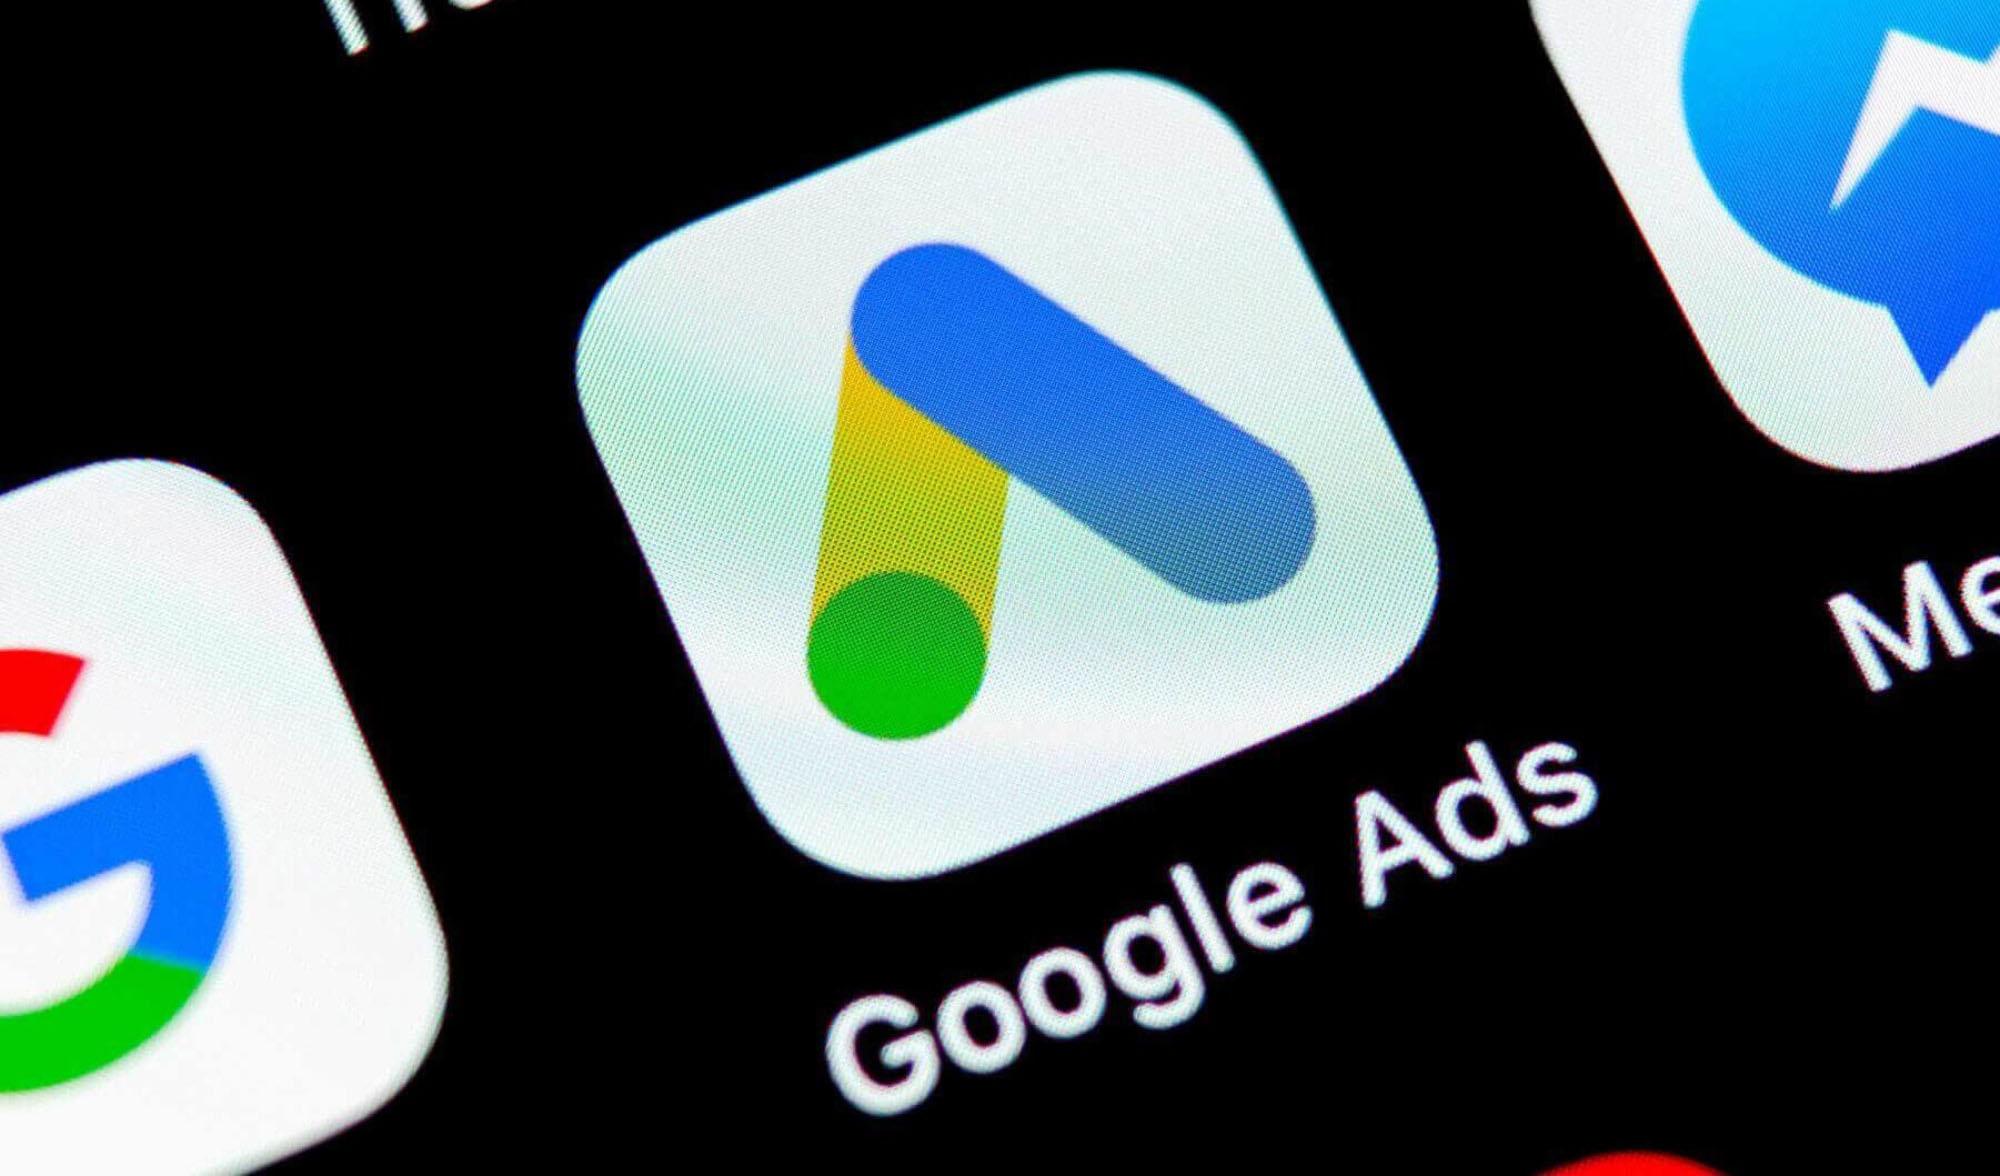 پیشنهاد دریافت مالیات از تبلیغدهندگان در بستر گوگل رد شد